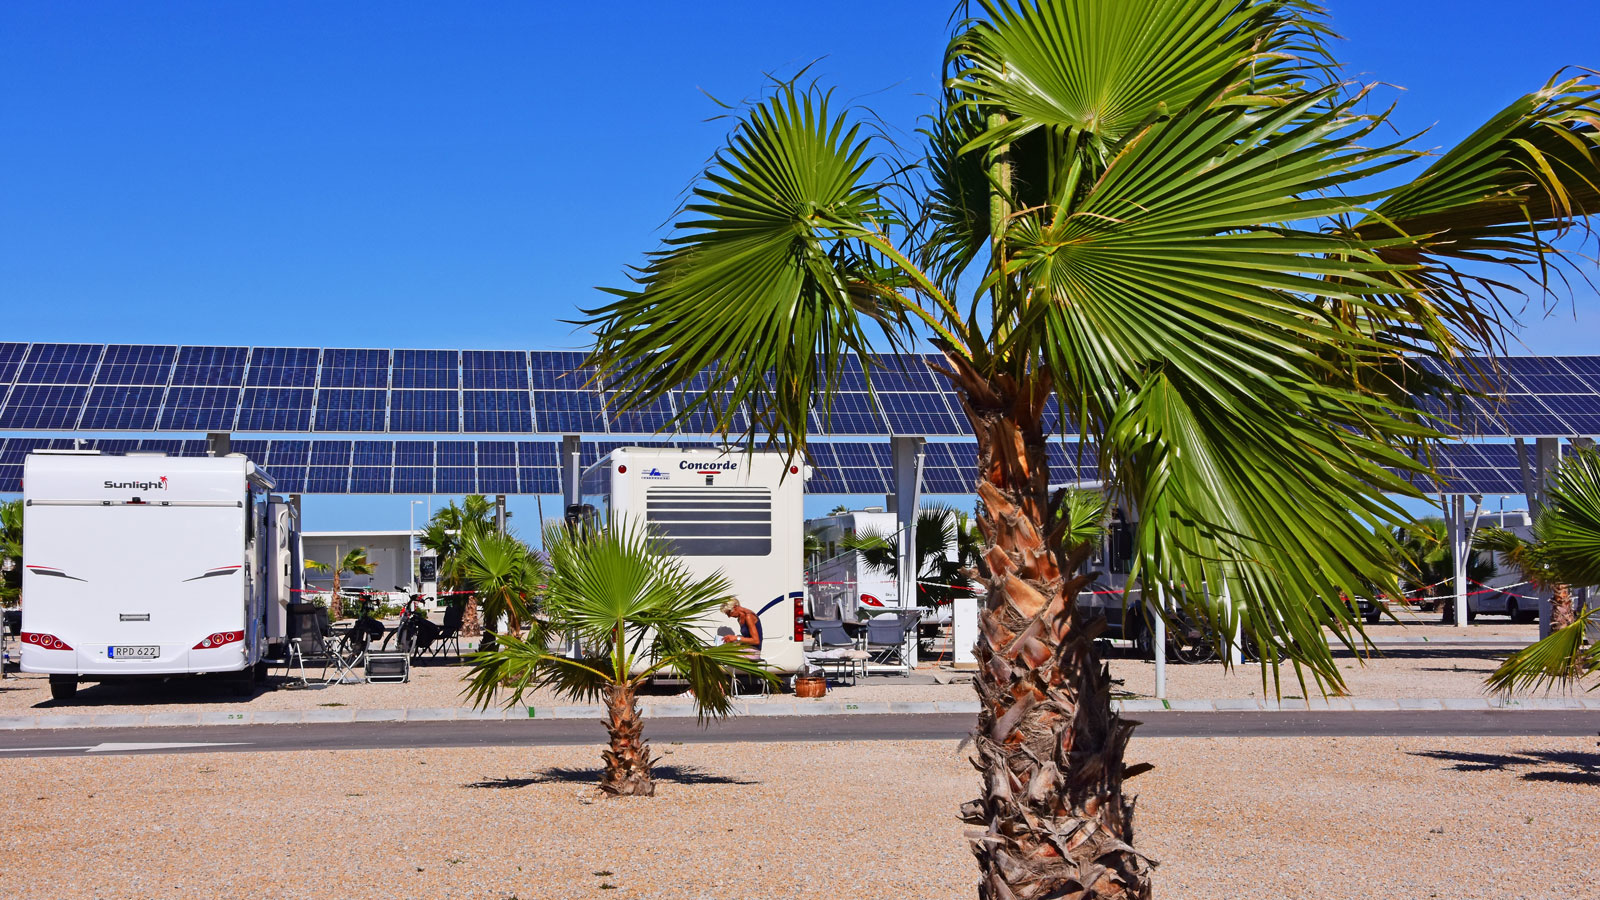 Solpaneler ger skugga och energi till hela ställplatsen.